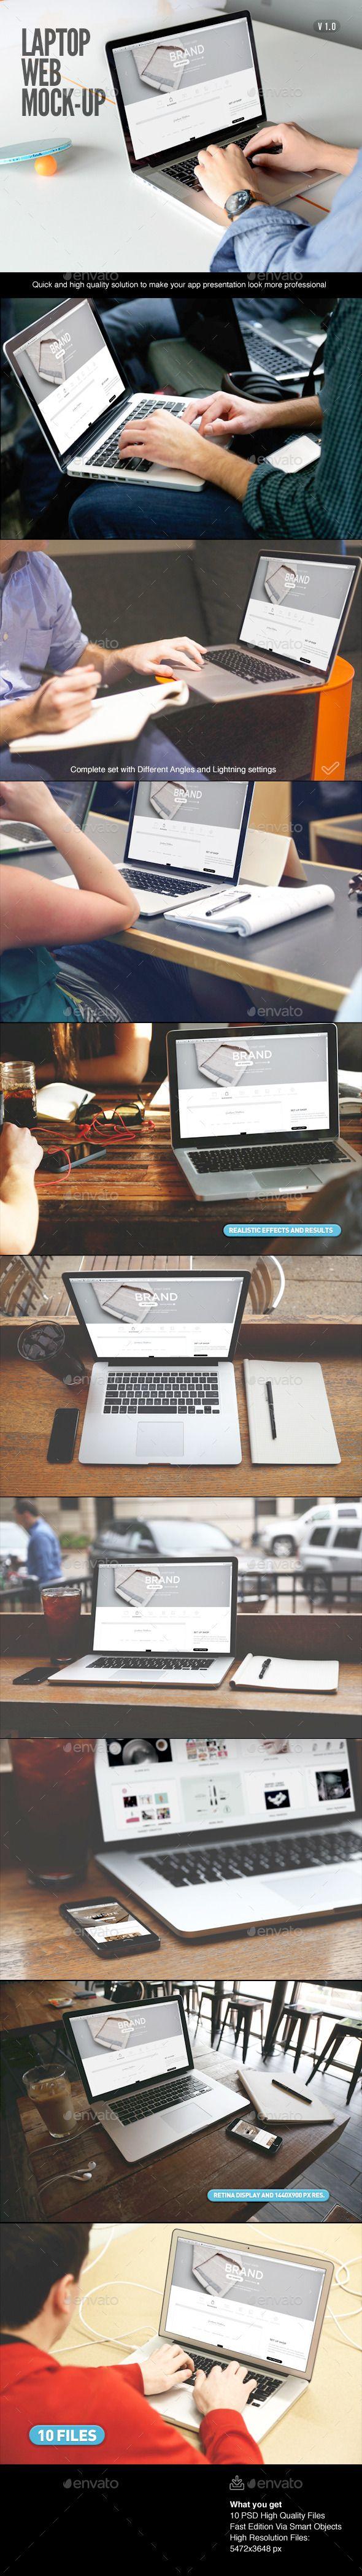 Laptop | Web App Mock-Up #design Download: http://graphicriver.net/item/laptop-web-app-mockup/10897896?ref=ksioks